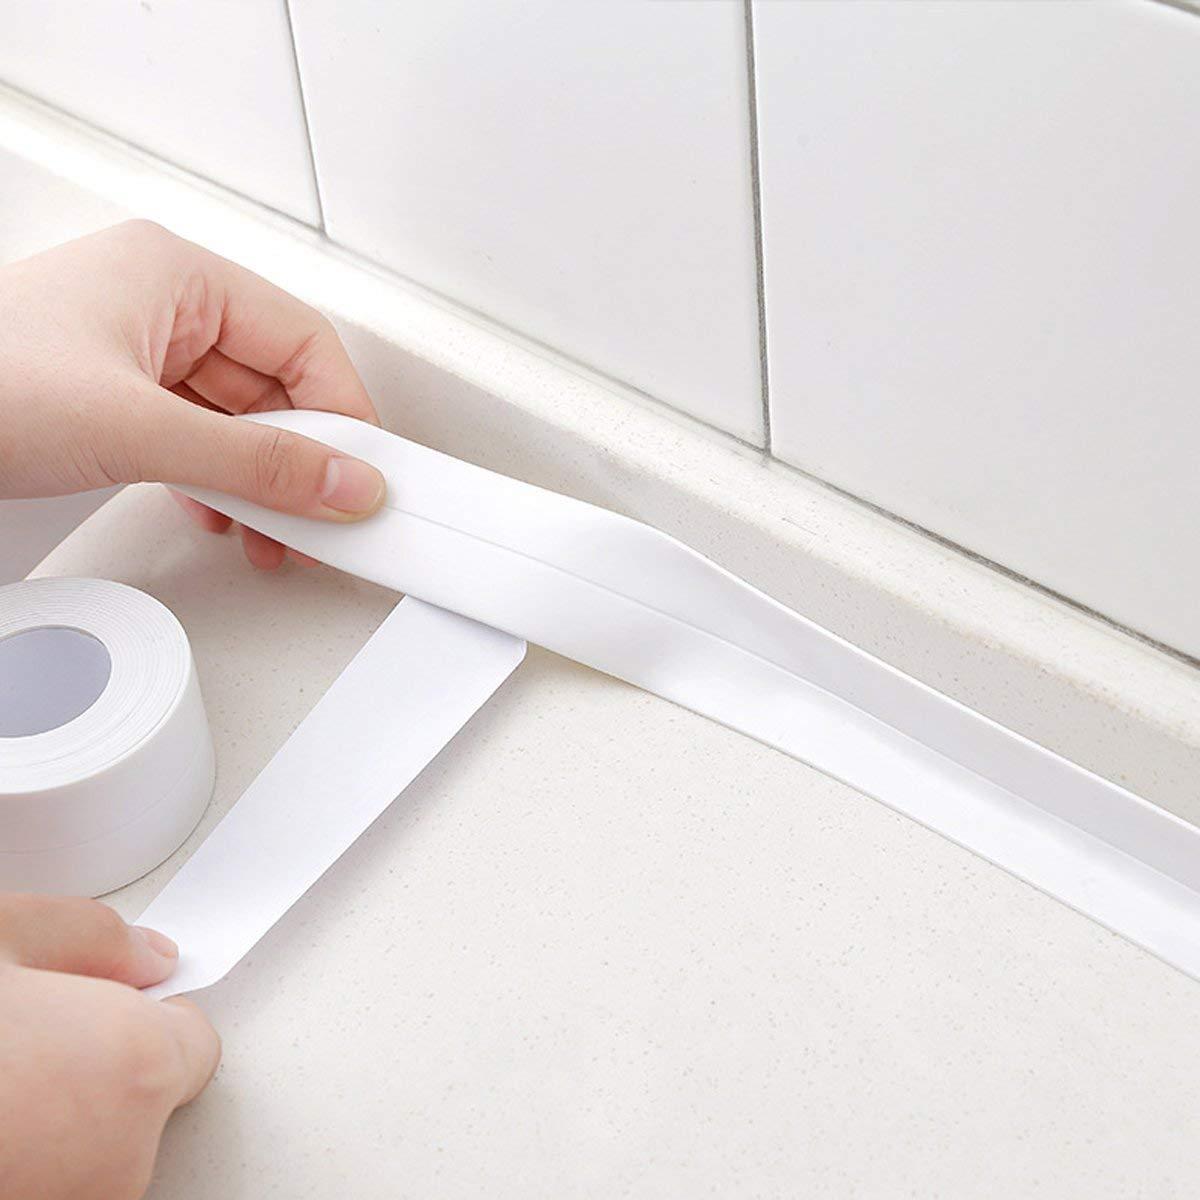 YFOX Guarnizione pieghevole impermeabile e resistente alla muffa per la cucina 3.2 metri 2 pezzi